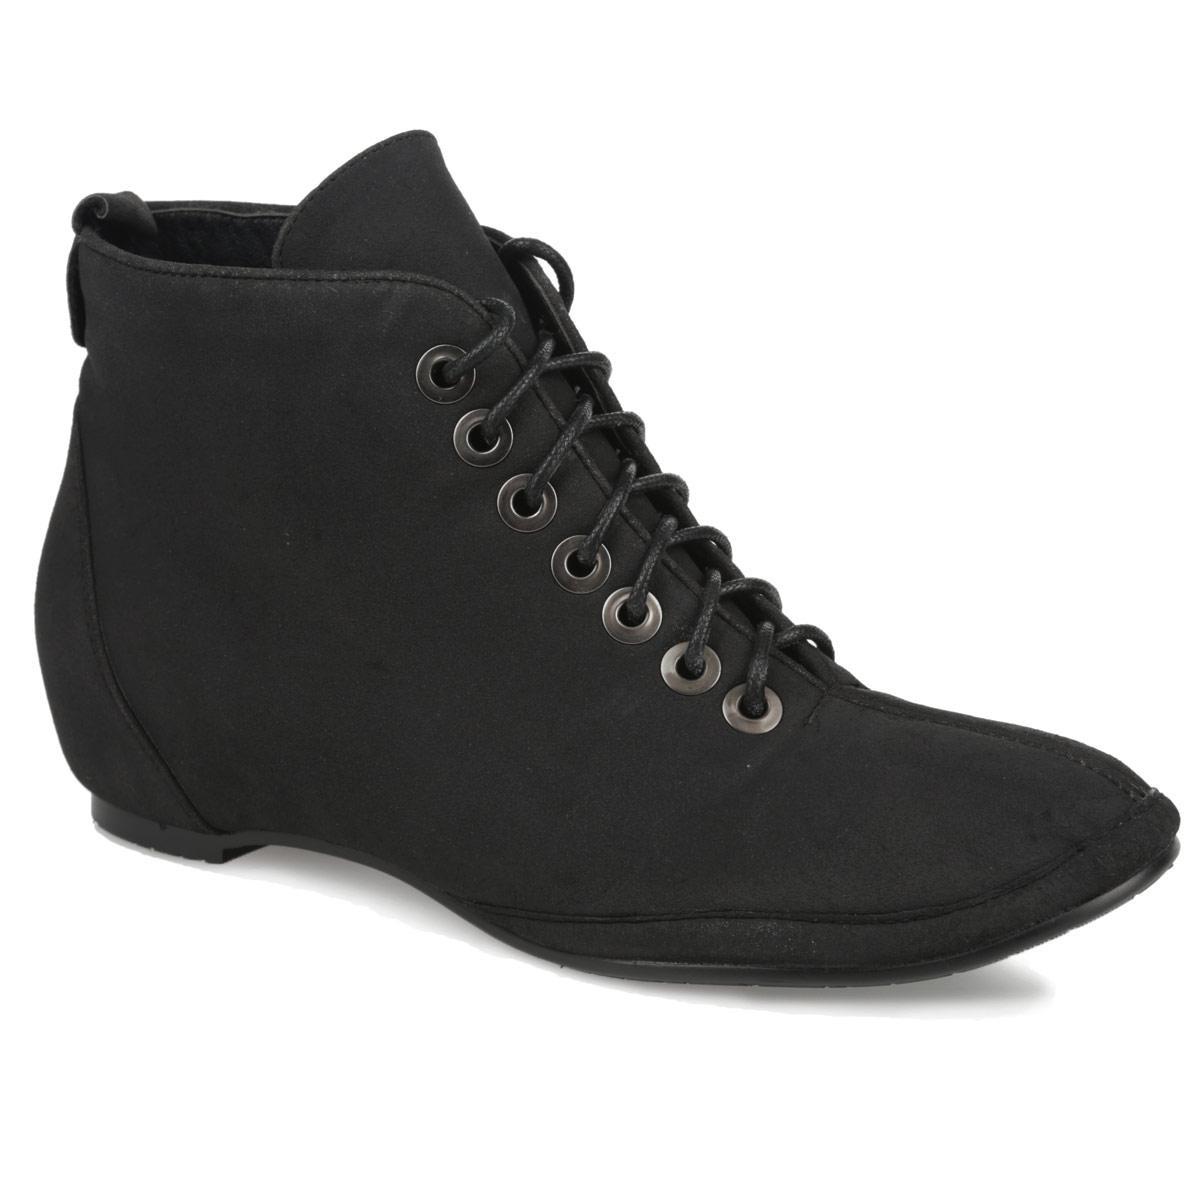 Ботинки женские. YA3-044-02 AX - YaroYA3-044-02 AXИзящные ботинки от Yaro прекрасно дополнят ваш модный образ. Модель выполнена из искусственного нубука и оформлена декоративным ремешком с металлической заклепкой на заднике. Прочная шнуровка надежно зафиксирует модель на вашей ноге. Ботинки застегиваются на застежку-молнию, расположенную на одной из боковых сторон. Мягкая подкладка и стелька из байки сохраняют тепло, обеспечивая максимальный комфорт при движении. Минимальной высоты каблук и подошва дополнены противоскользящим рифлением. В таких стильных ботинках вашим ногам будет комфортно и уютно!